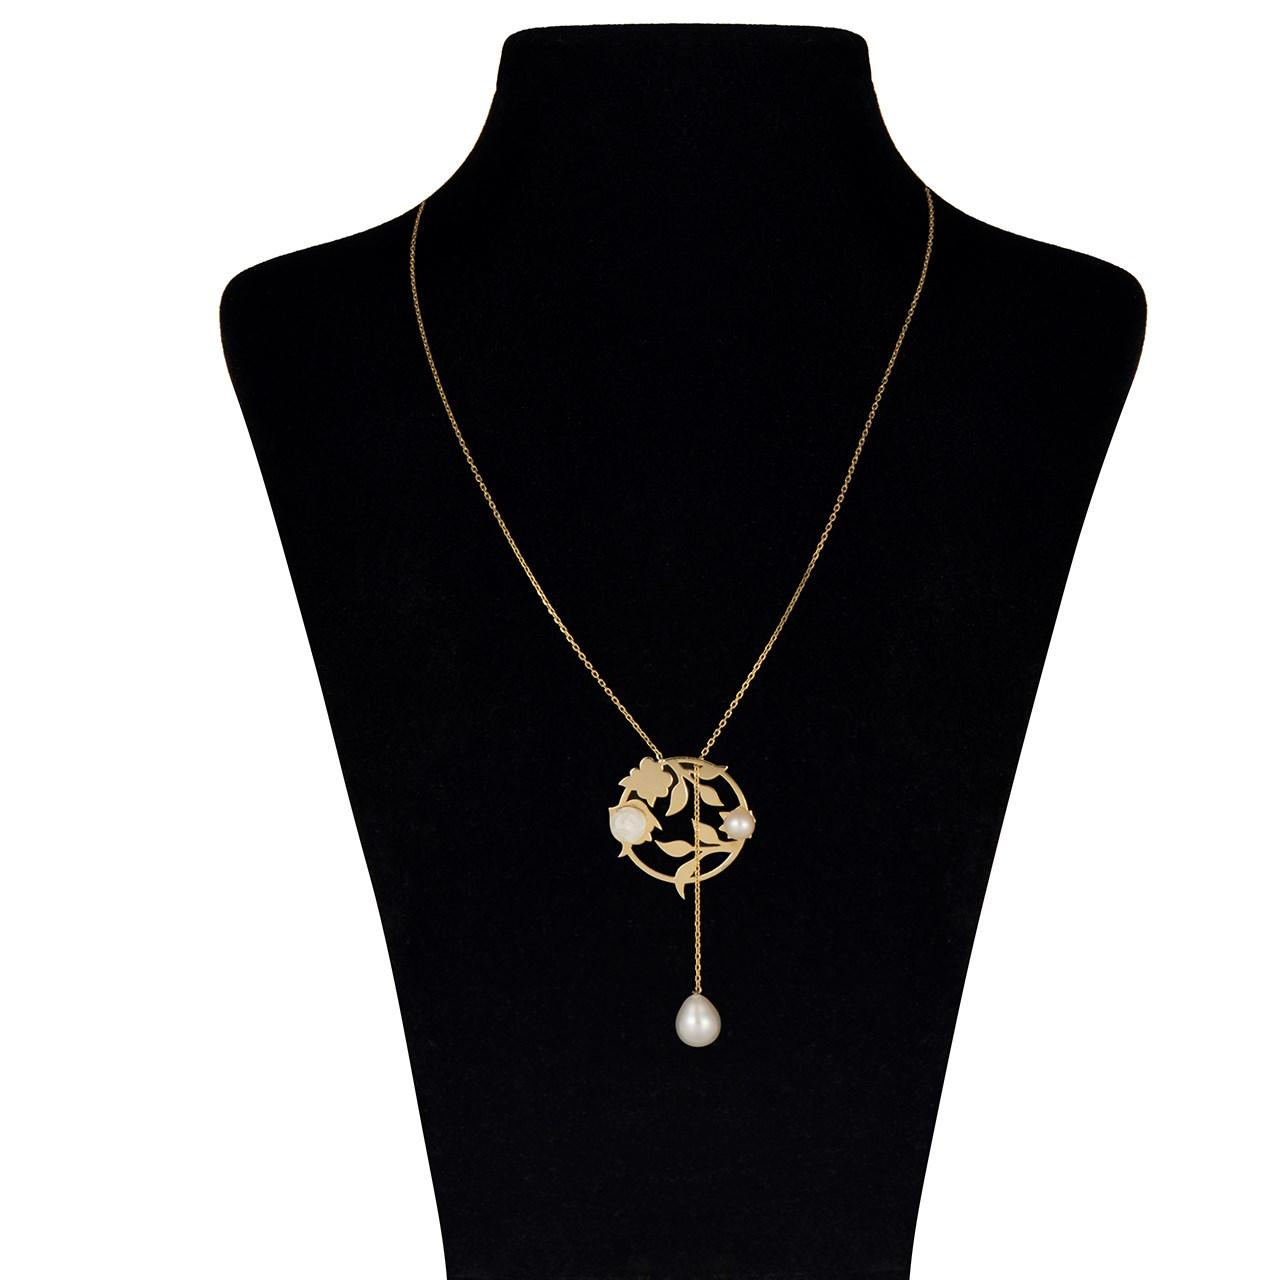 گردنبند طلا 18 عیار ماهک مدل MM0372 - مایا ماهک